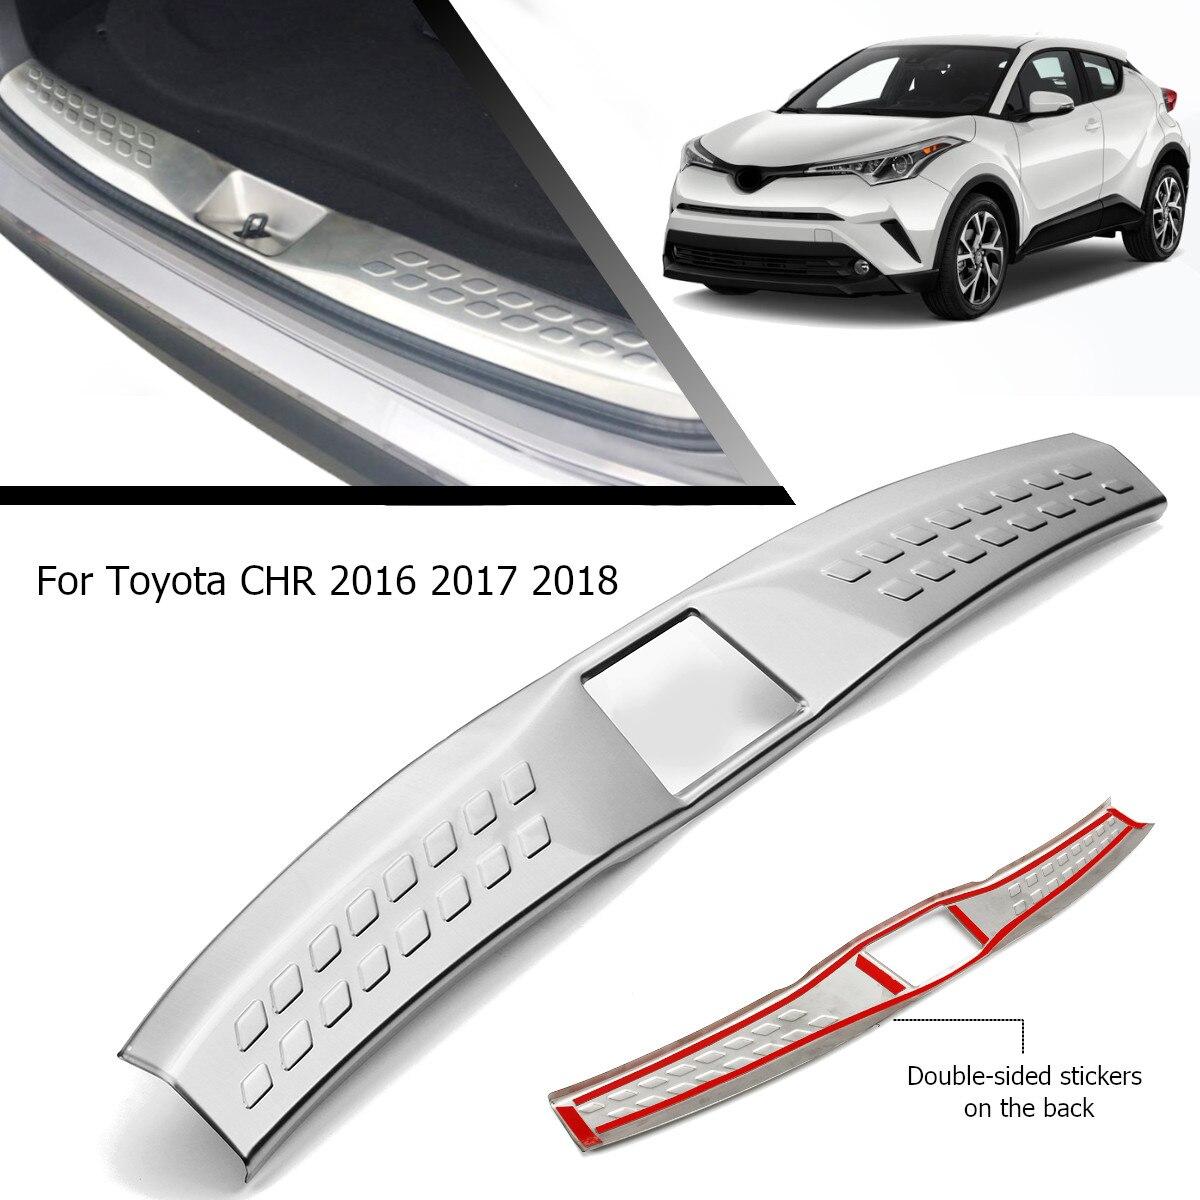 Arrière Tronc Pad pour Aile En Acier Inoxydable Accessoires De Voiture Pour Toyota C-HR CHR 2016 2017 2018 Pare-chocs Arrière Plaque de Pied